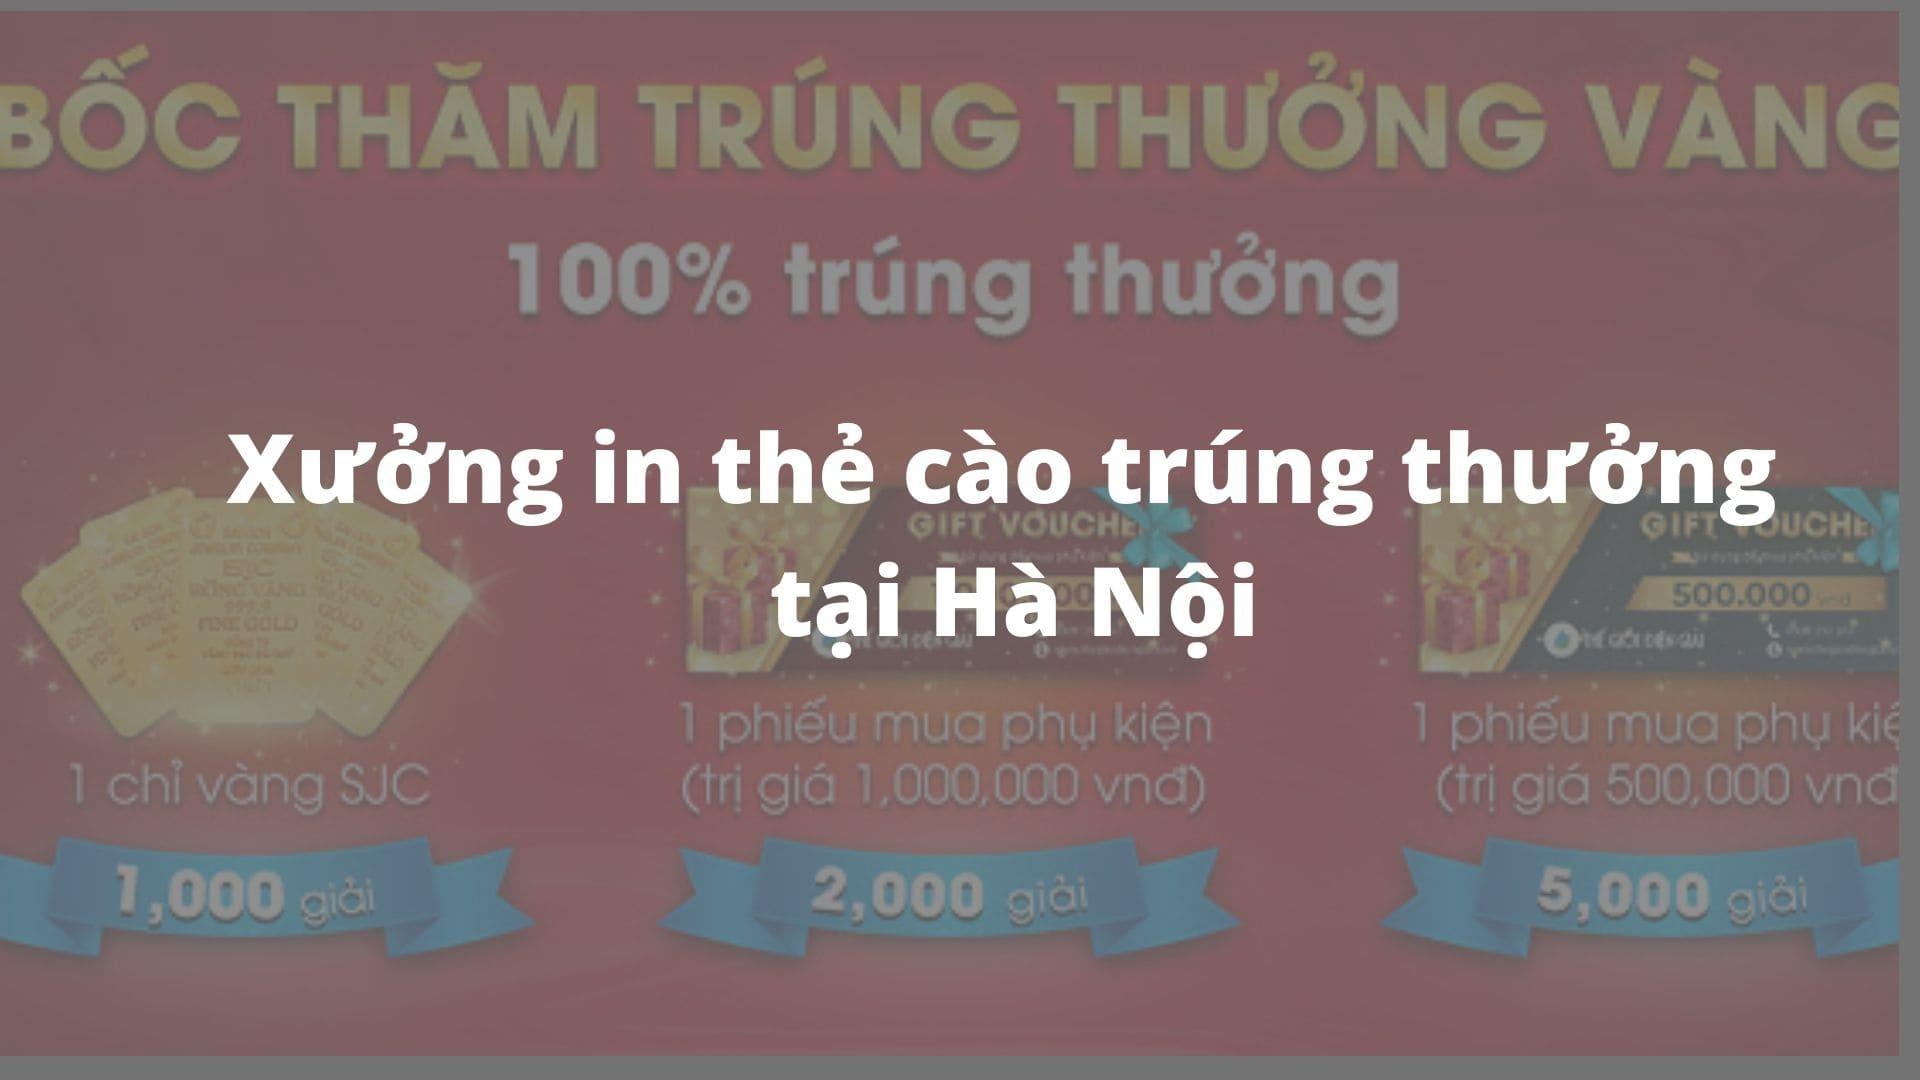 Xưởng in thẻ cào trúng thưởng tại Hà Nội